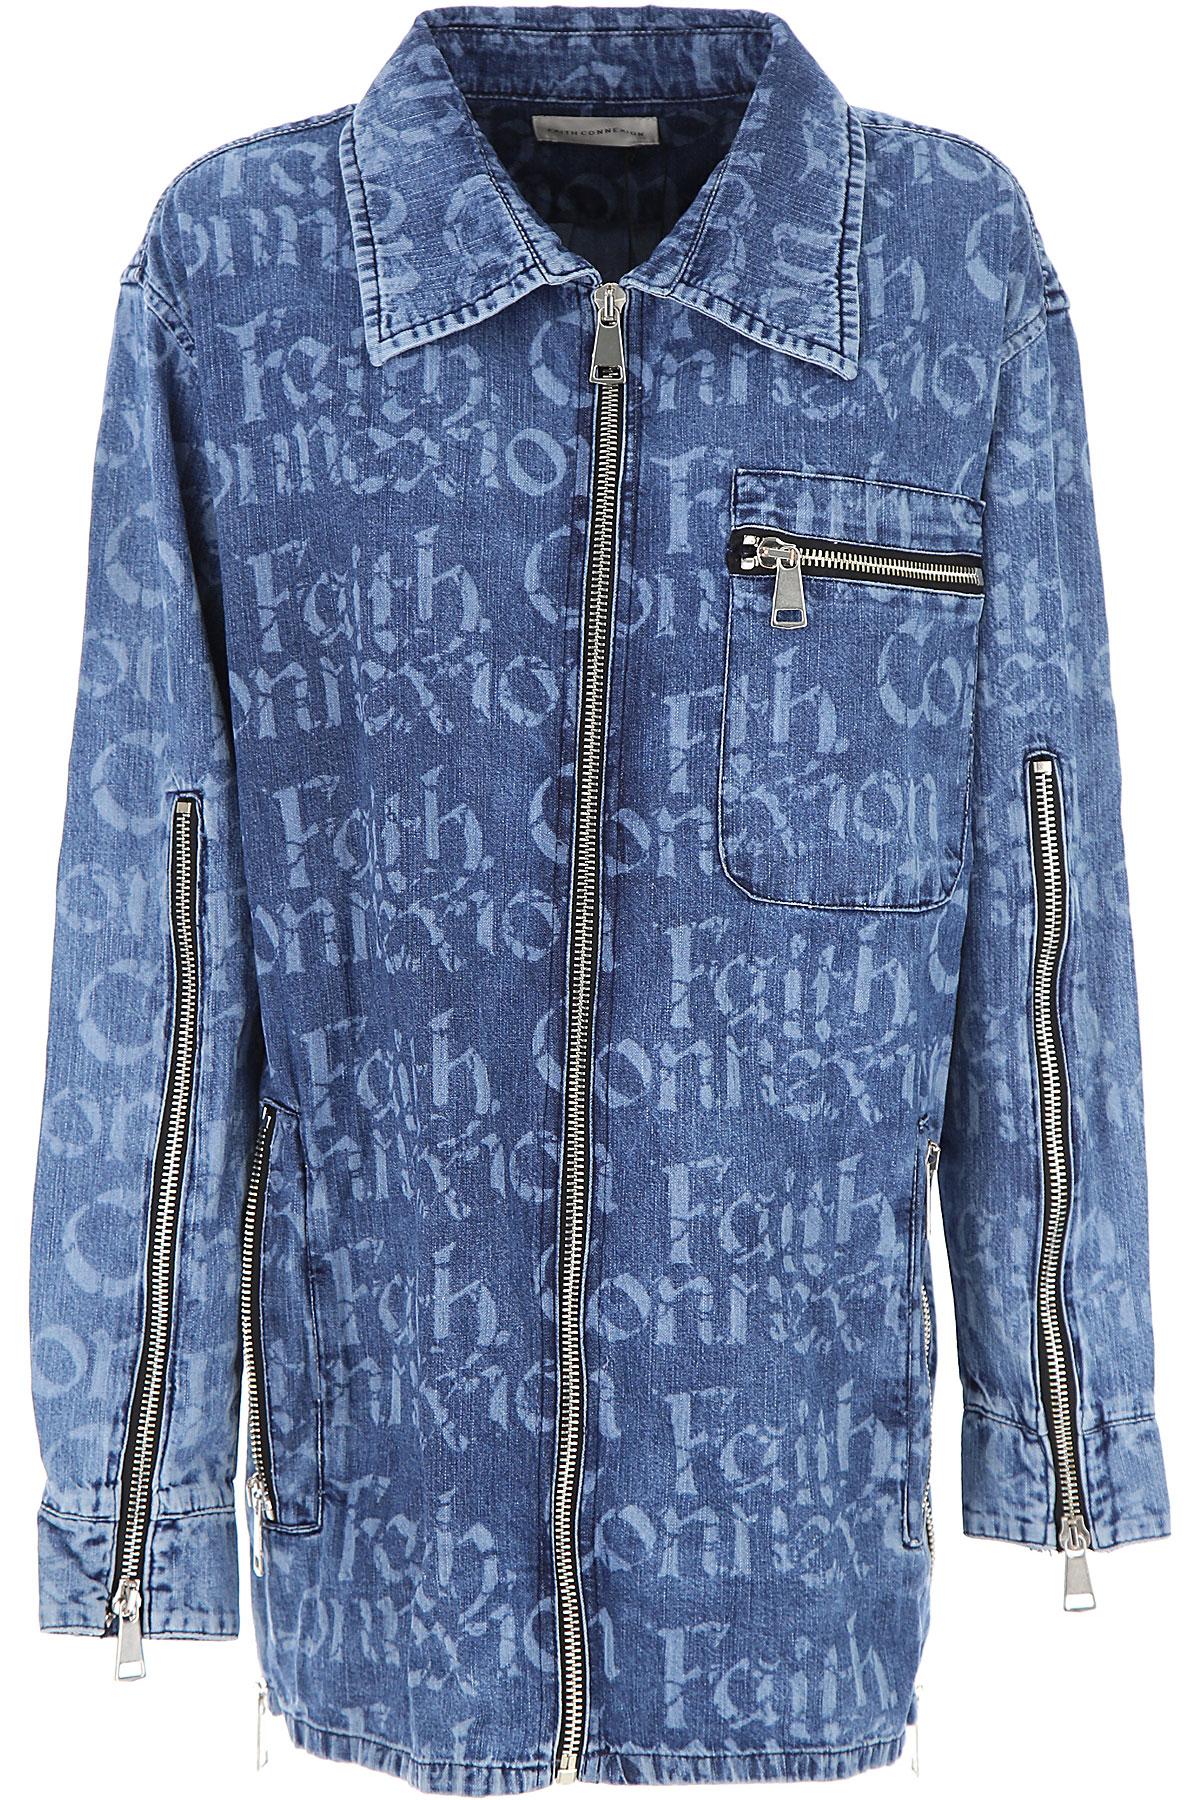 Faith Connexion Jacket for Women On Sale, Denim Blue, Cotton, 2019, 4 6